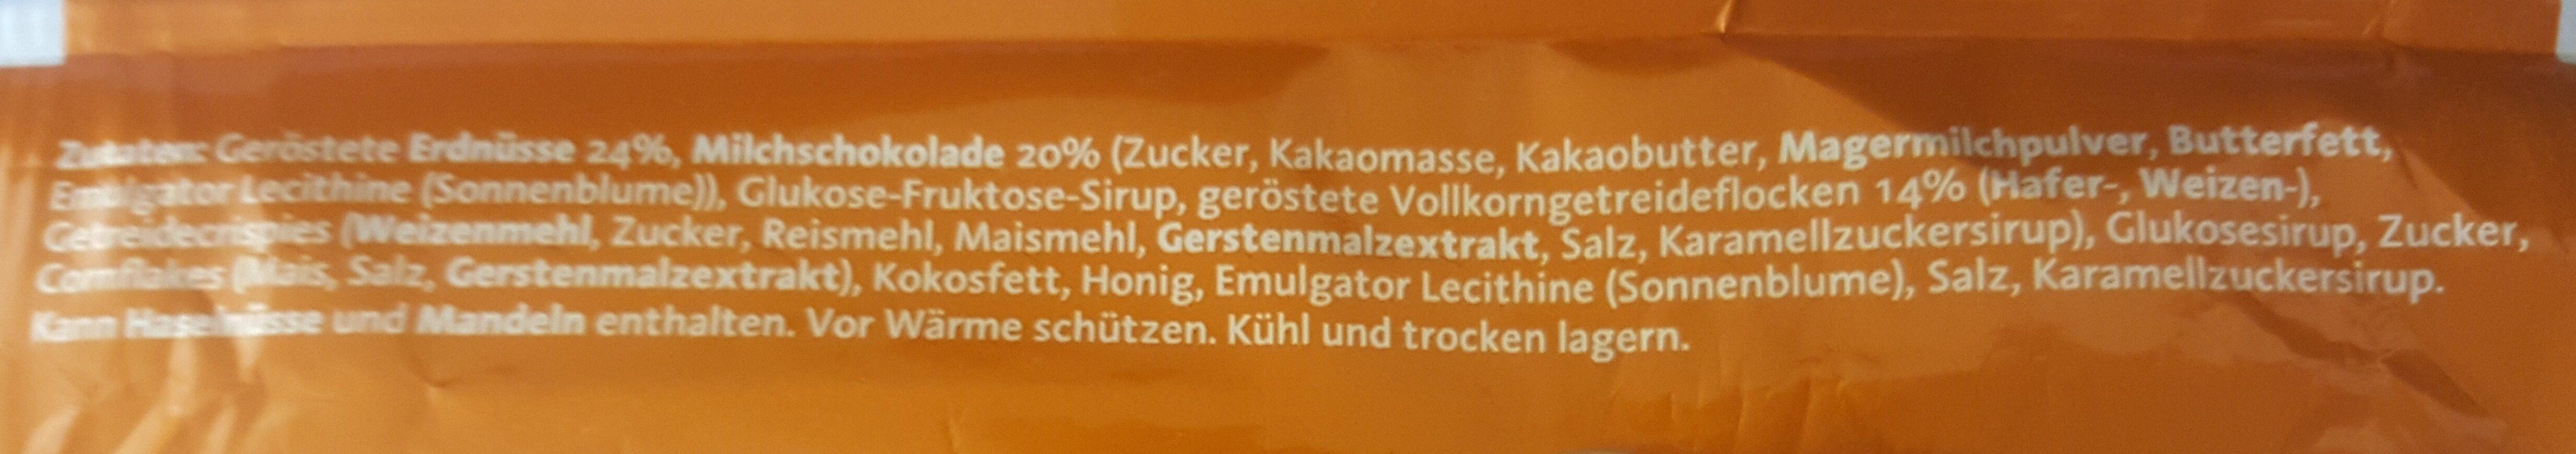 Corny Big Erdnuss-schoko - Ingrediënten